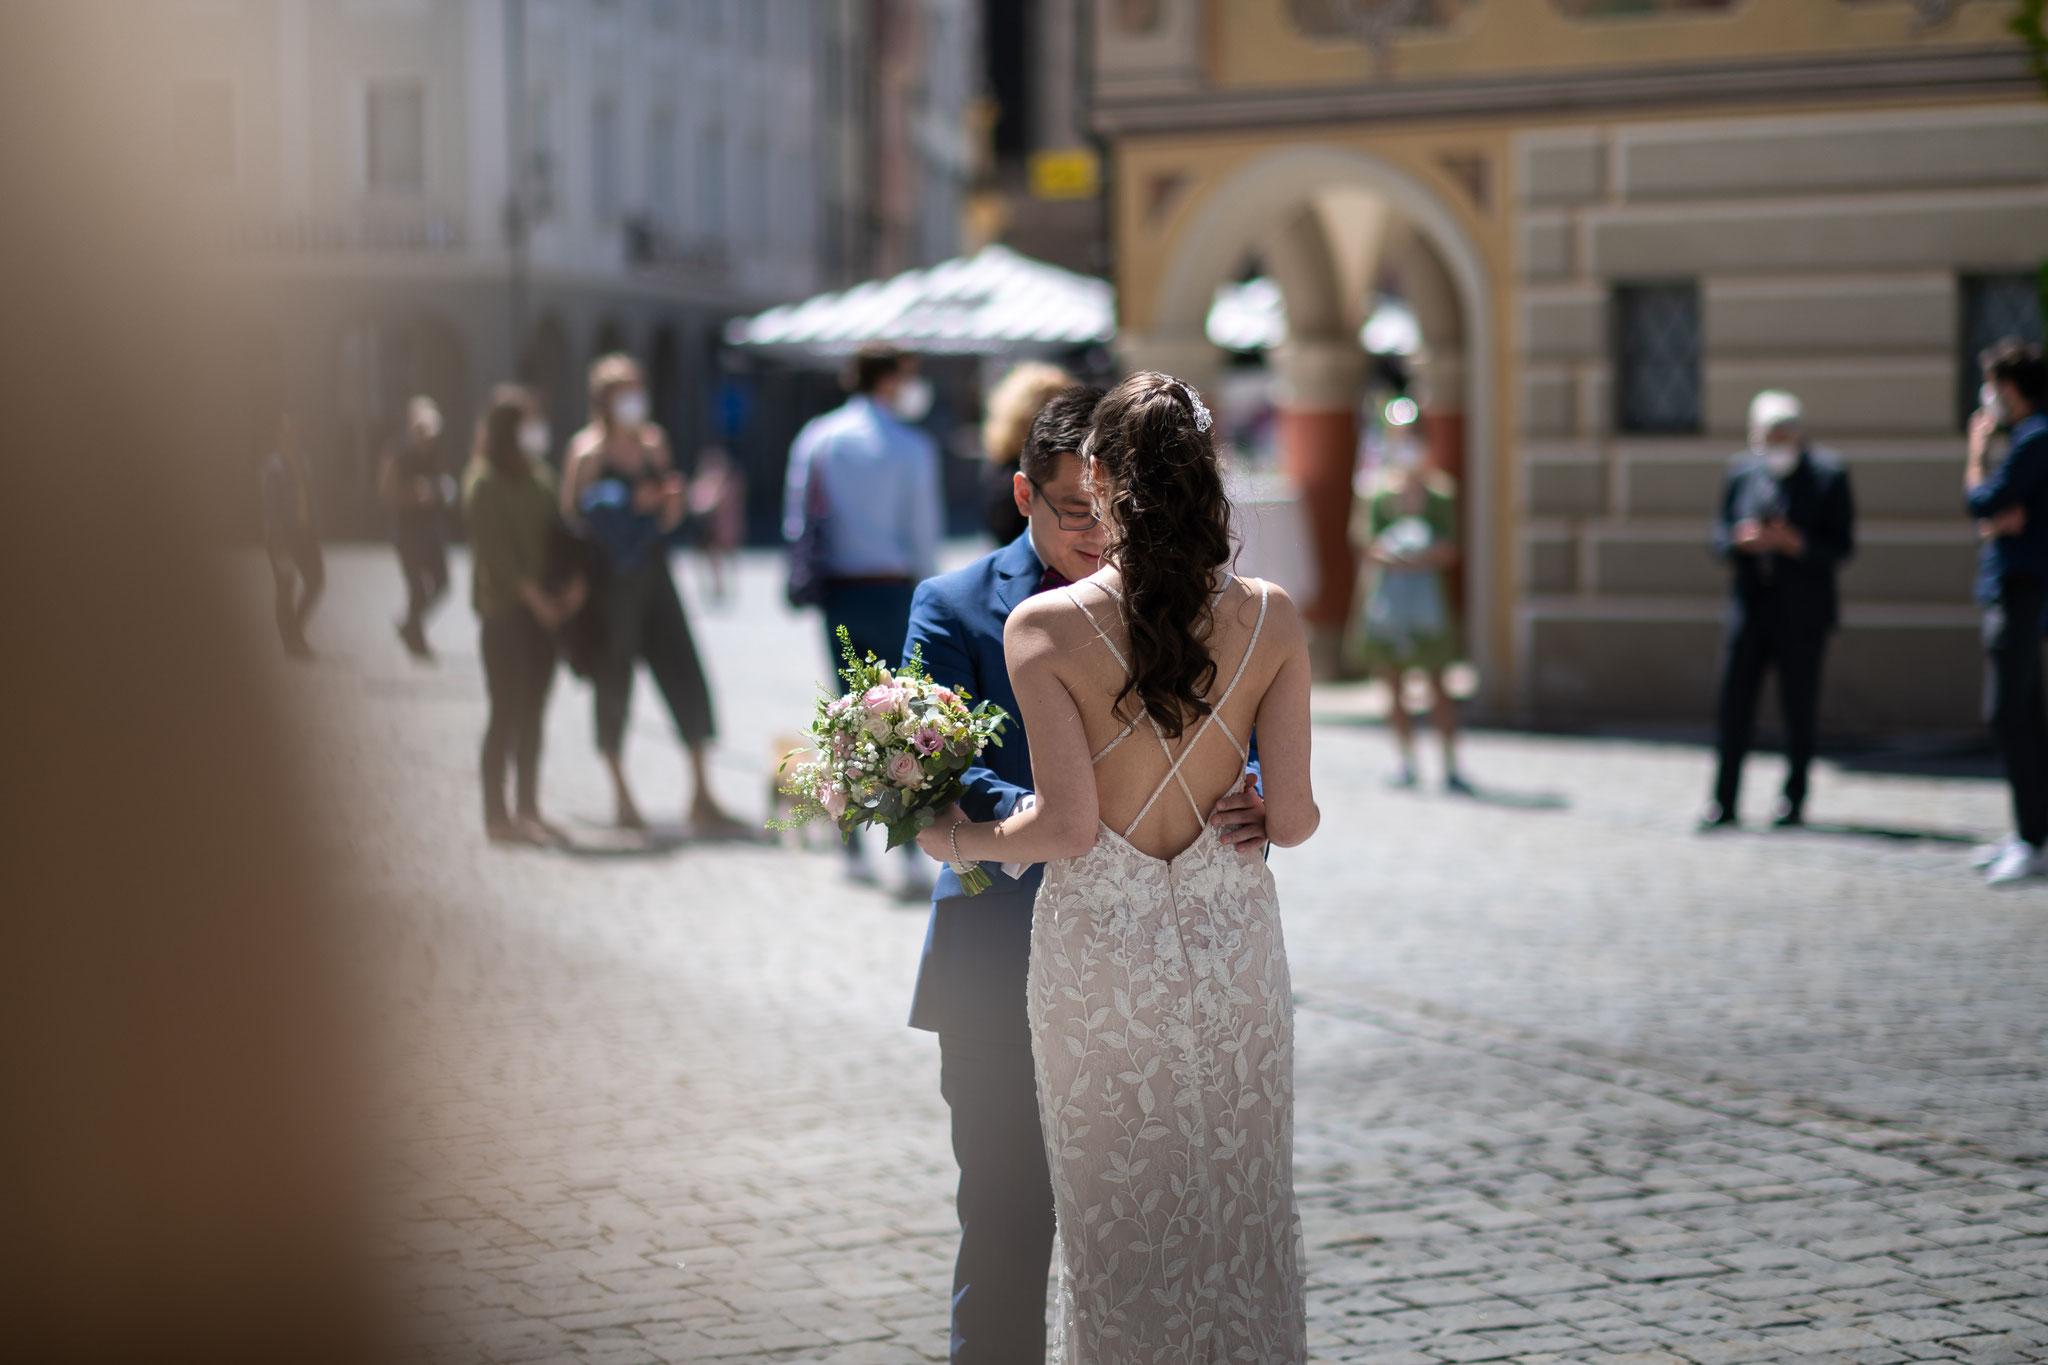 Hochzeitsfotograf für meine Hochzeit in Memmingen und Umgebung